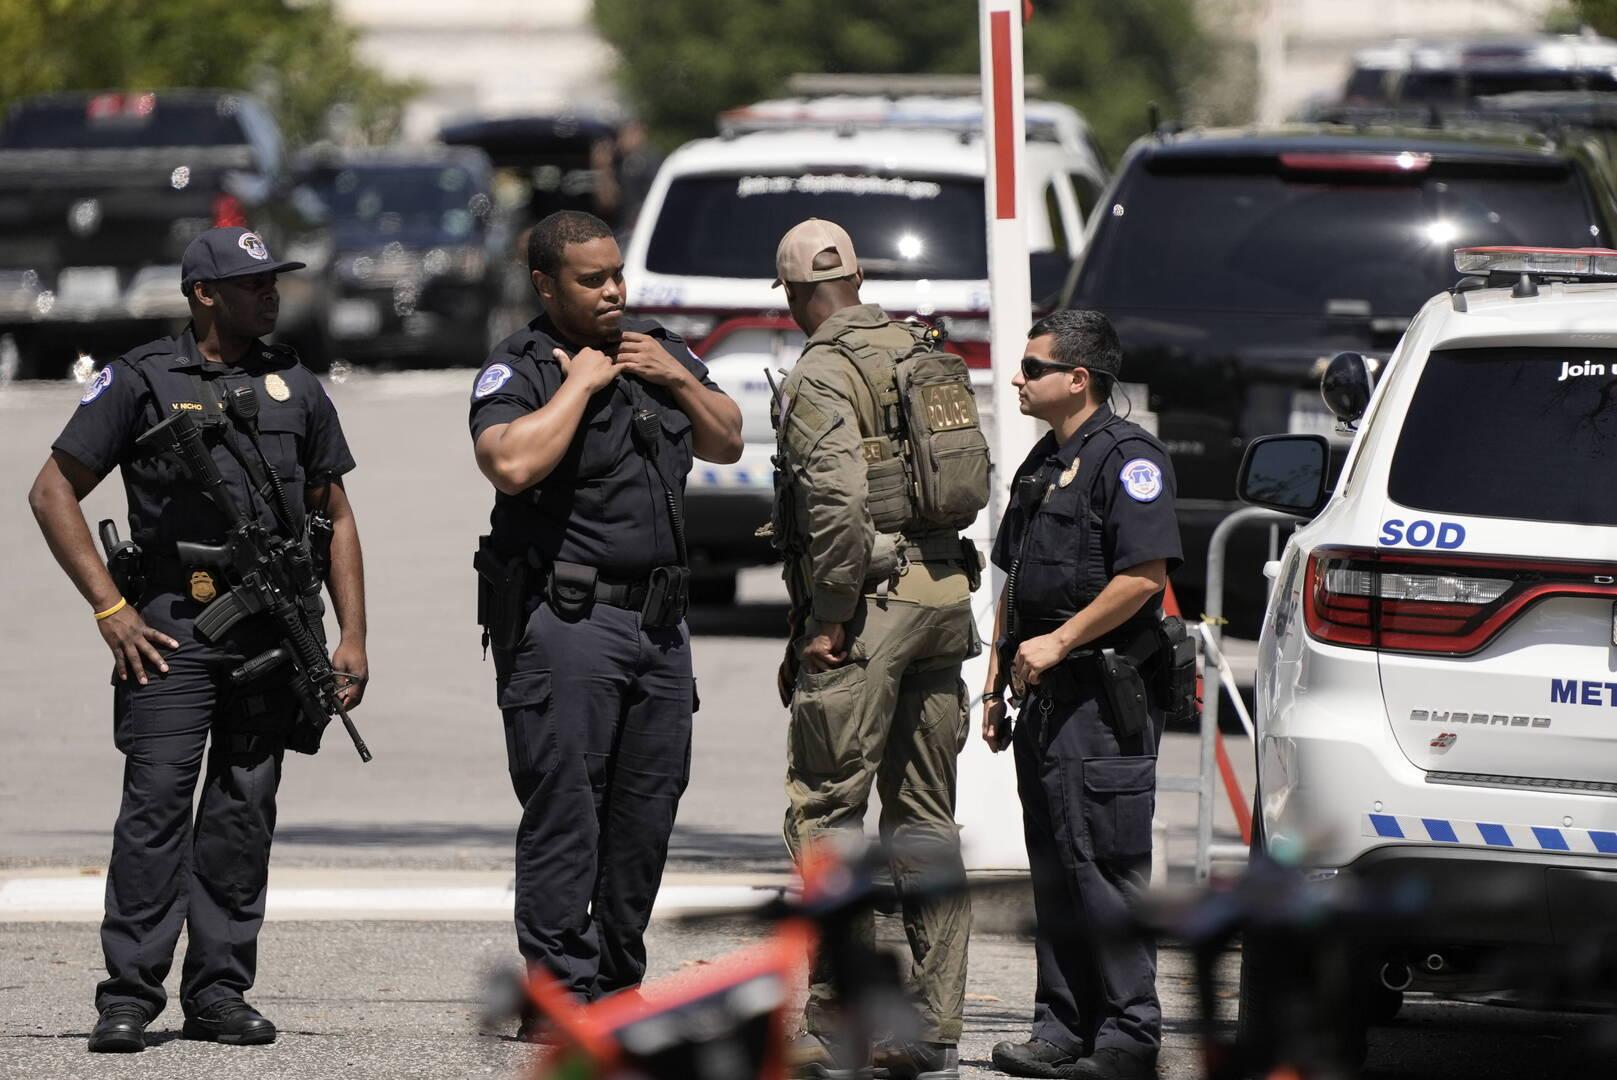 الشرطة الأمريكية تطلب مساعدة العسكريين للتعامل مع احتجاجات اليمين المتطرف